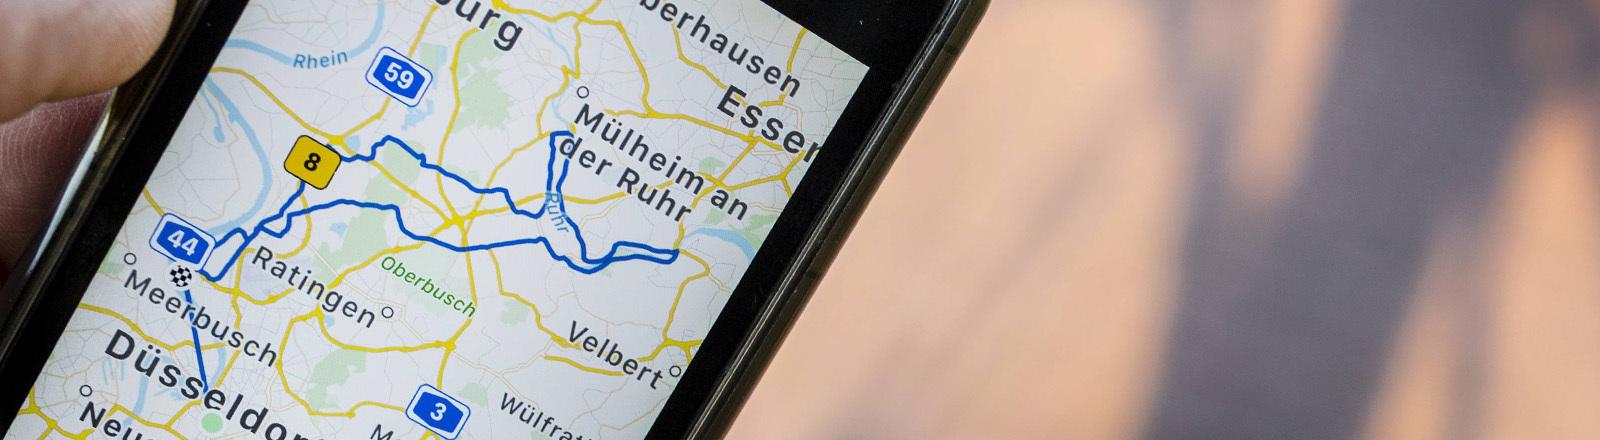 Smartphone mit Straßenkarte